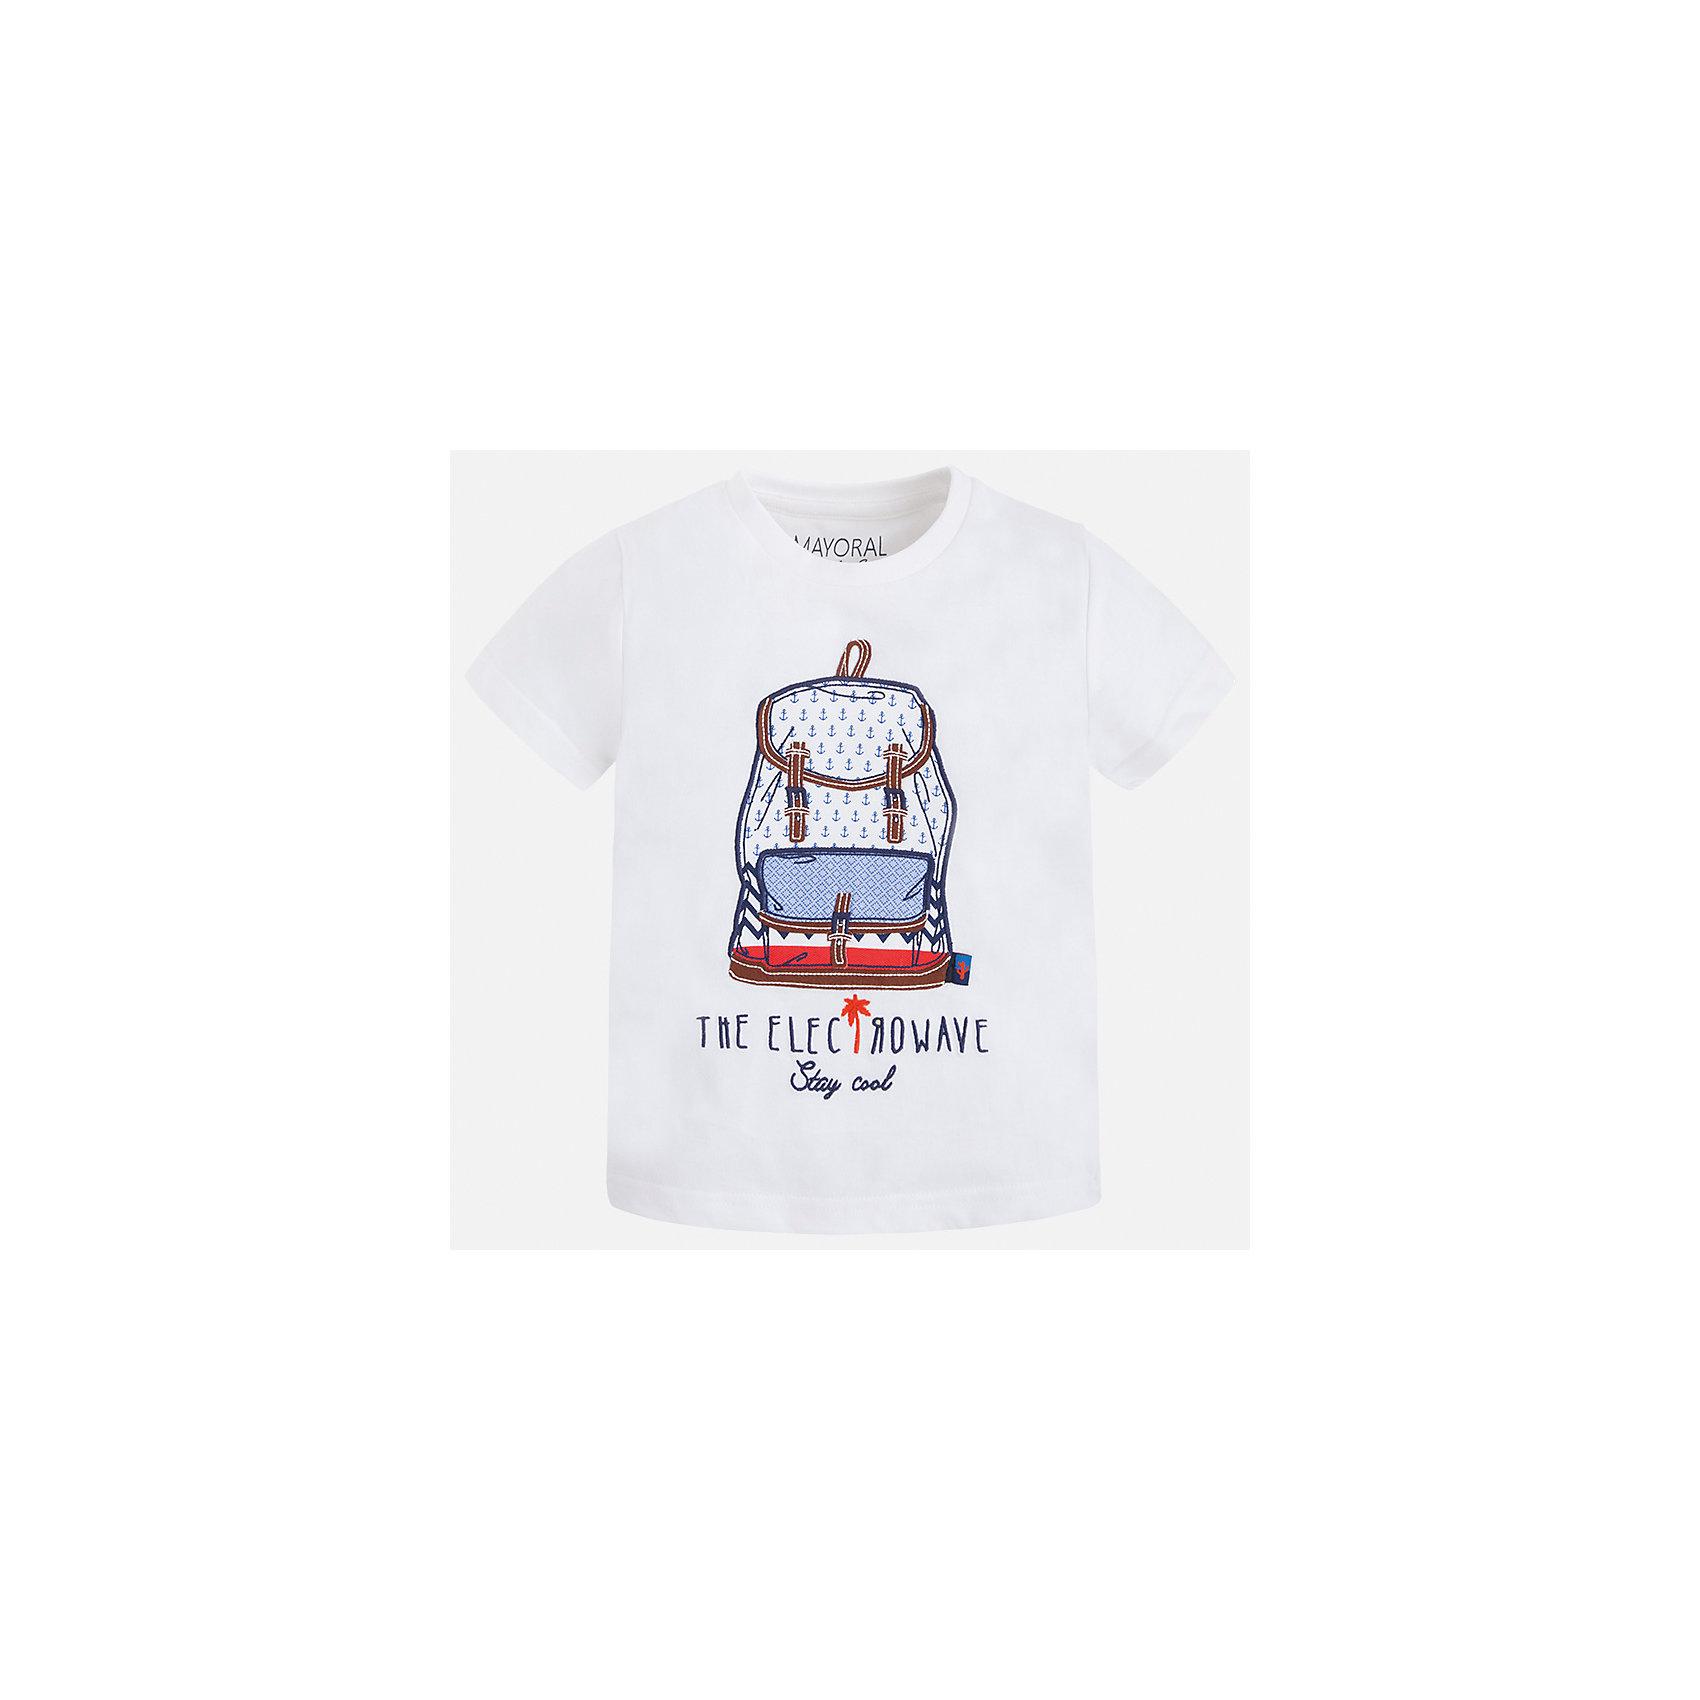 Футболка для мальчика MayoralФутболки, поло и топы<br>Характеристики товара:<br><br>• цвет: белый<br>• состав: 100% хлопок<br>• круглый горловой вырез<br>• принт впереди<br>• короткие рукава<br>• отделка горловины<br>• страна бренда: Испания<br><br>Модная удобная футболка с принтом поможет разнообразить гардероб мальчика. Она отлично сочетается с брюками, шортами, джинсами и т.д. Универсальный крой и цвет позволяет подобрать к вещи низ разных расцветок. Практичное и стильное изделие! В составе материала - только натуральный хлопок, гипоаллергенный, приятный на ощупь, дышащий.<br><br>Одежда, обувь и аксессуары от испанского бренда Mayoral полюбились детям и взрослым по всему миру. Модели этой марки - стильные и удобные. Для их производства используются только безопасные, качественные материалы и фурнитура. Порадуйте ребенка модными и красивыми вещами от Mayoral! <br><br>Футболку для мальчика от испанского бренда Mayoral (Майорал) можно купить в нашем интернет-магазине.<br><br>Ширина мм: 199<br>Глубина мм: 10<br>Высота мм: 161<br>Вес г: 151<br>Цвет: белый<br>Возраст от месяцев: 36<br>Возраст до месяцев: 48<br>Пол: Мужской<br>Возраст: Детский<br>Размер: 104,134,116,110,128,122,98,92<br>SKU: 5279800